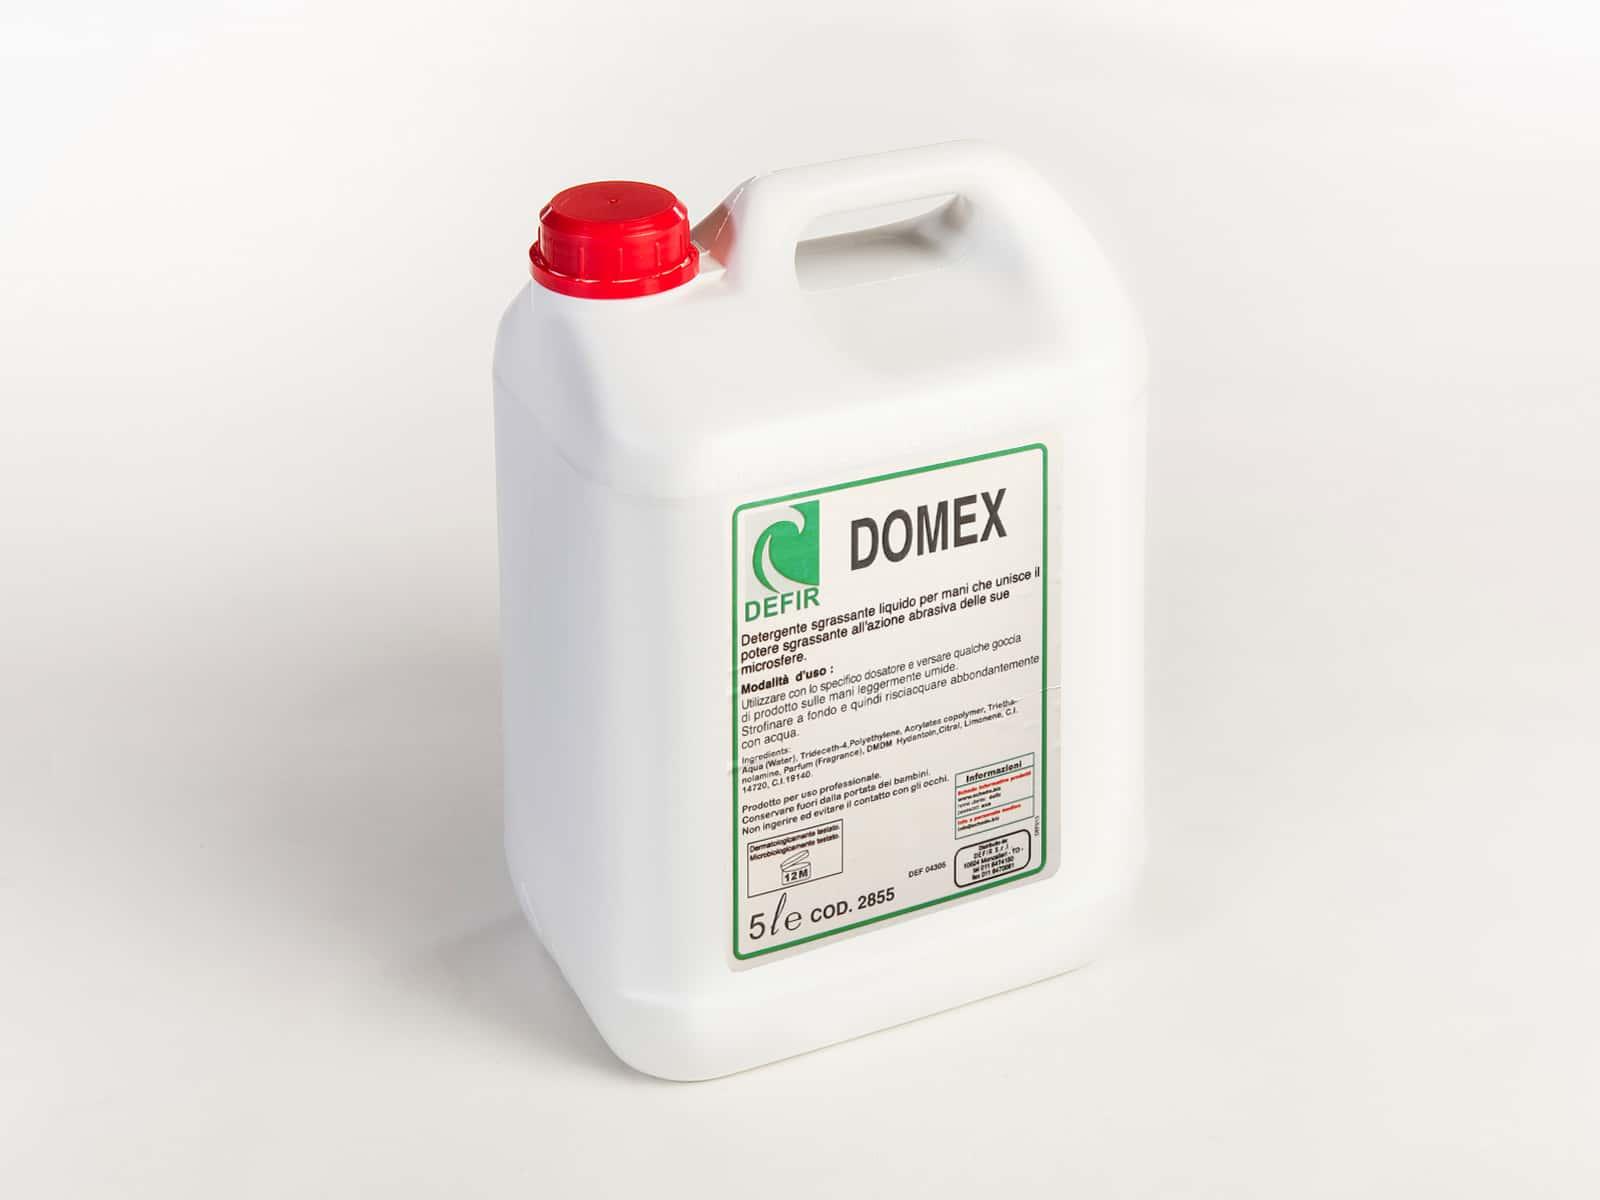 Domex crema lavamani sgrassante con microsfere abrasive 5L - Defir detergenti Moncalieri Torino